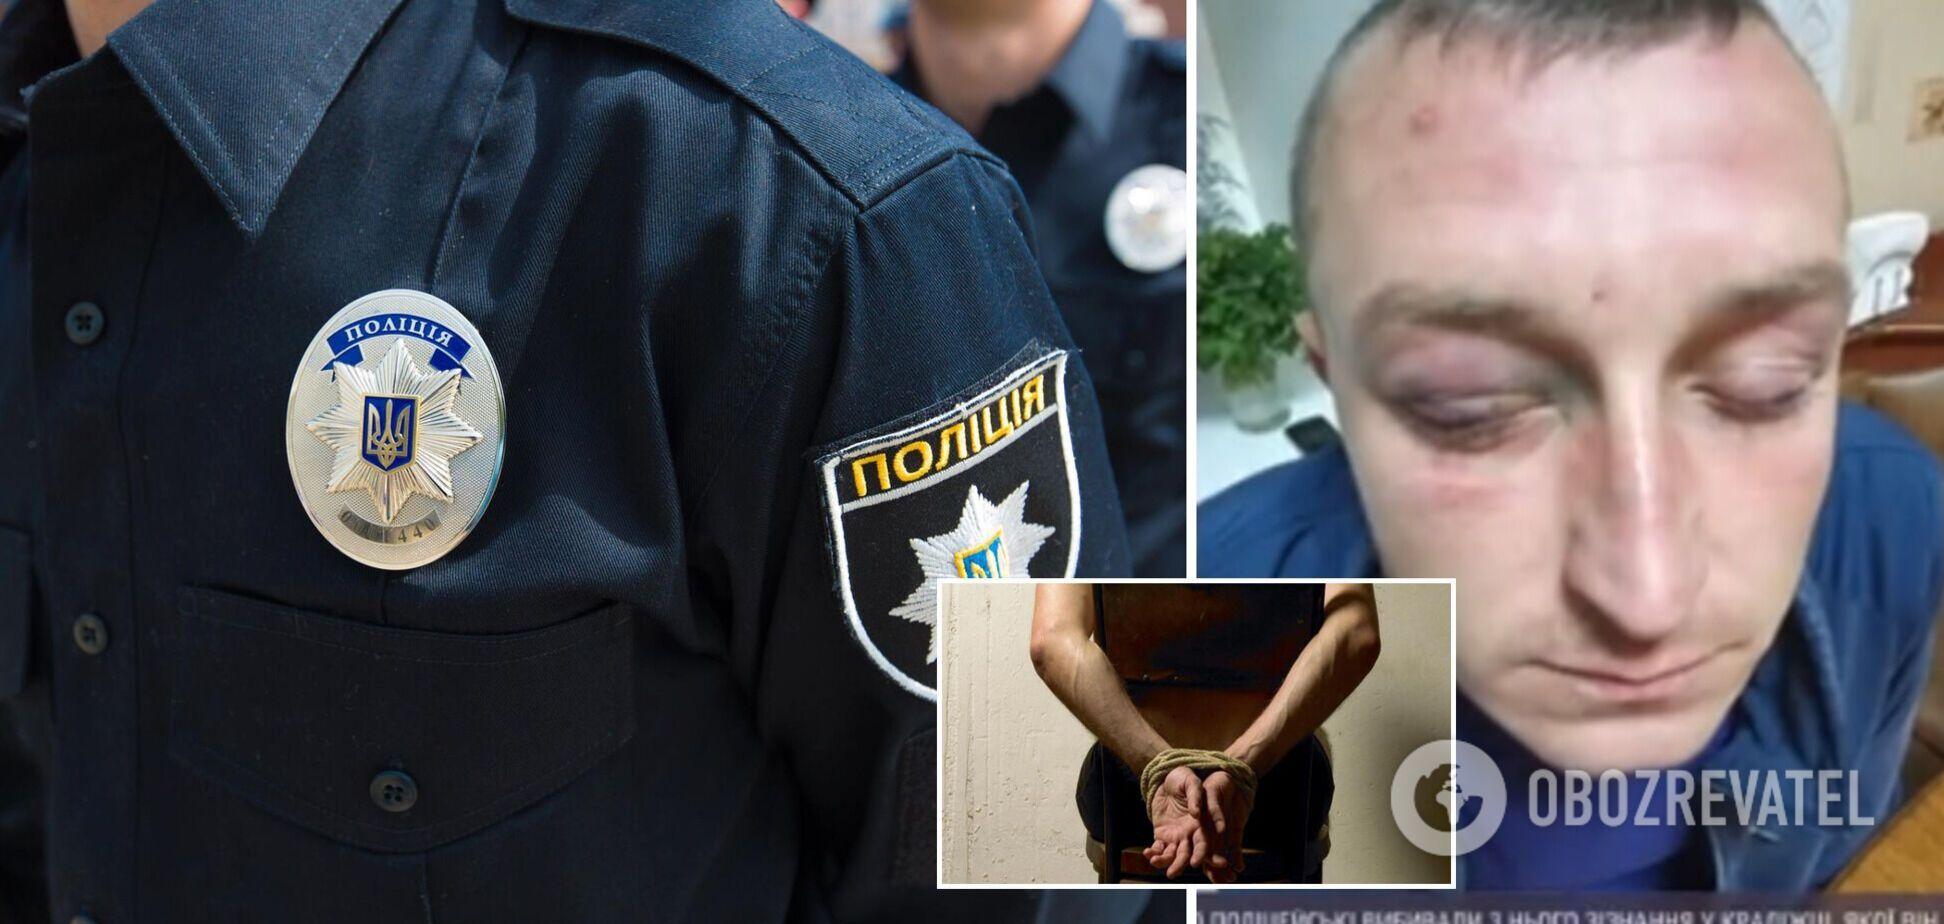 На Сумщине инкассатор заявил об пытках полицией: выбивали признания и держали за ноги с моста